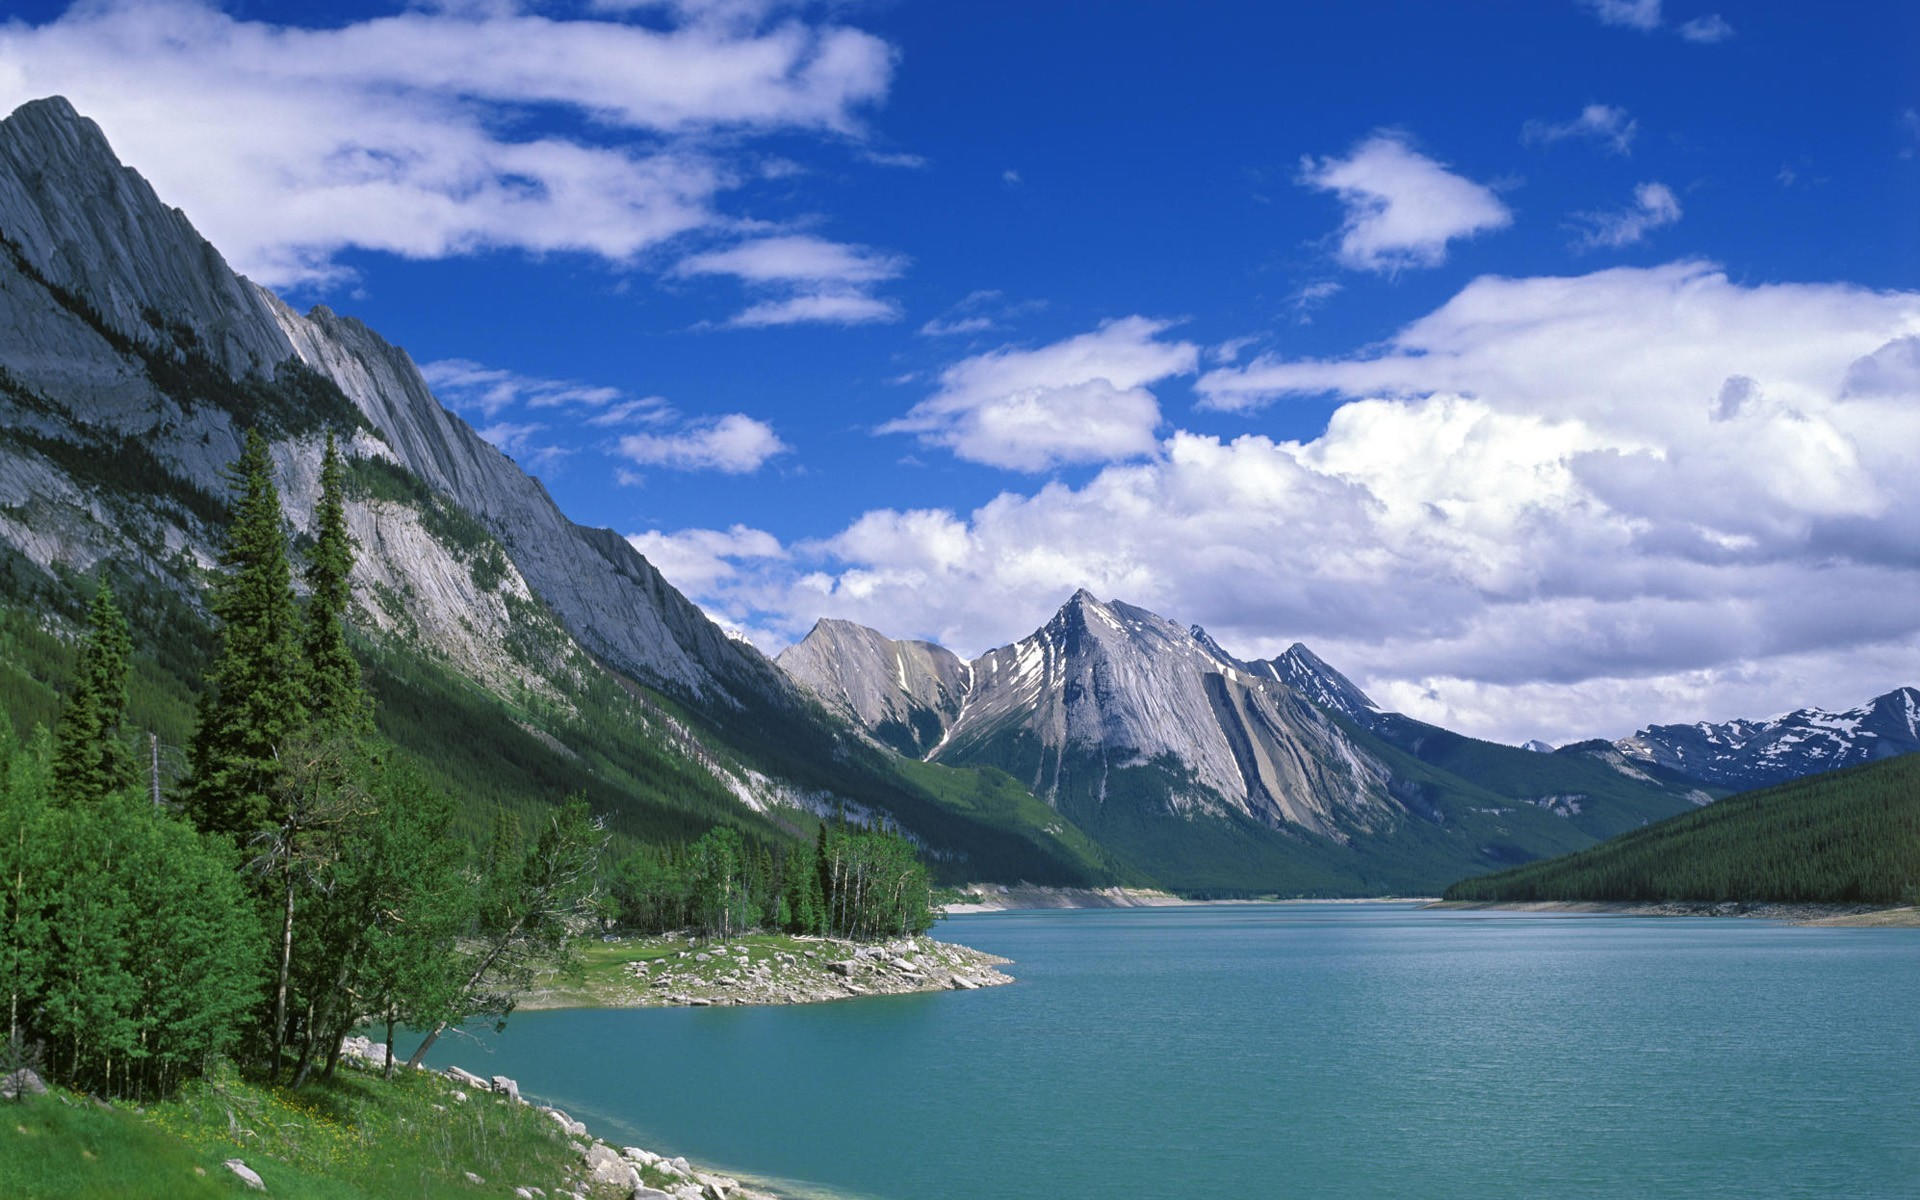 Озеро, горы и облака